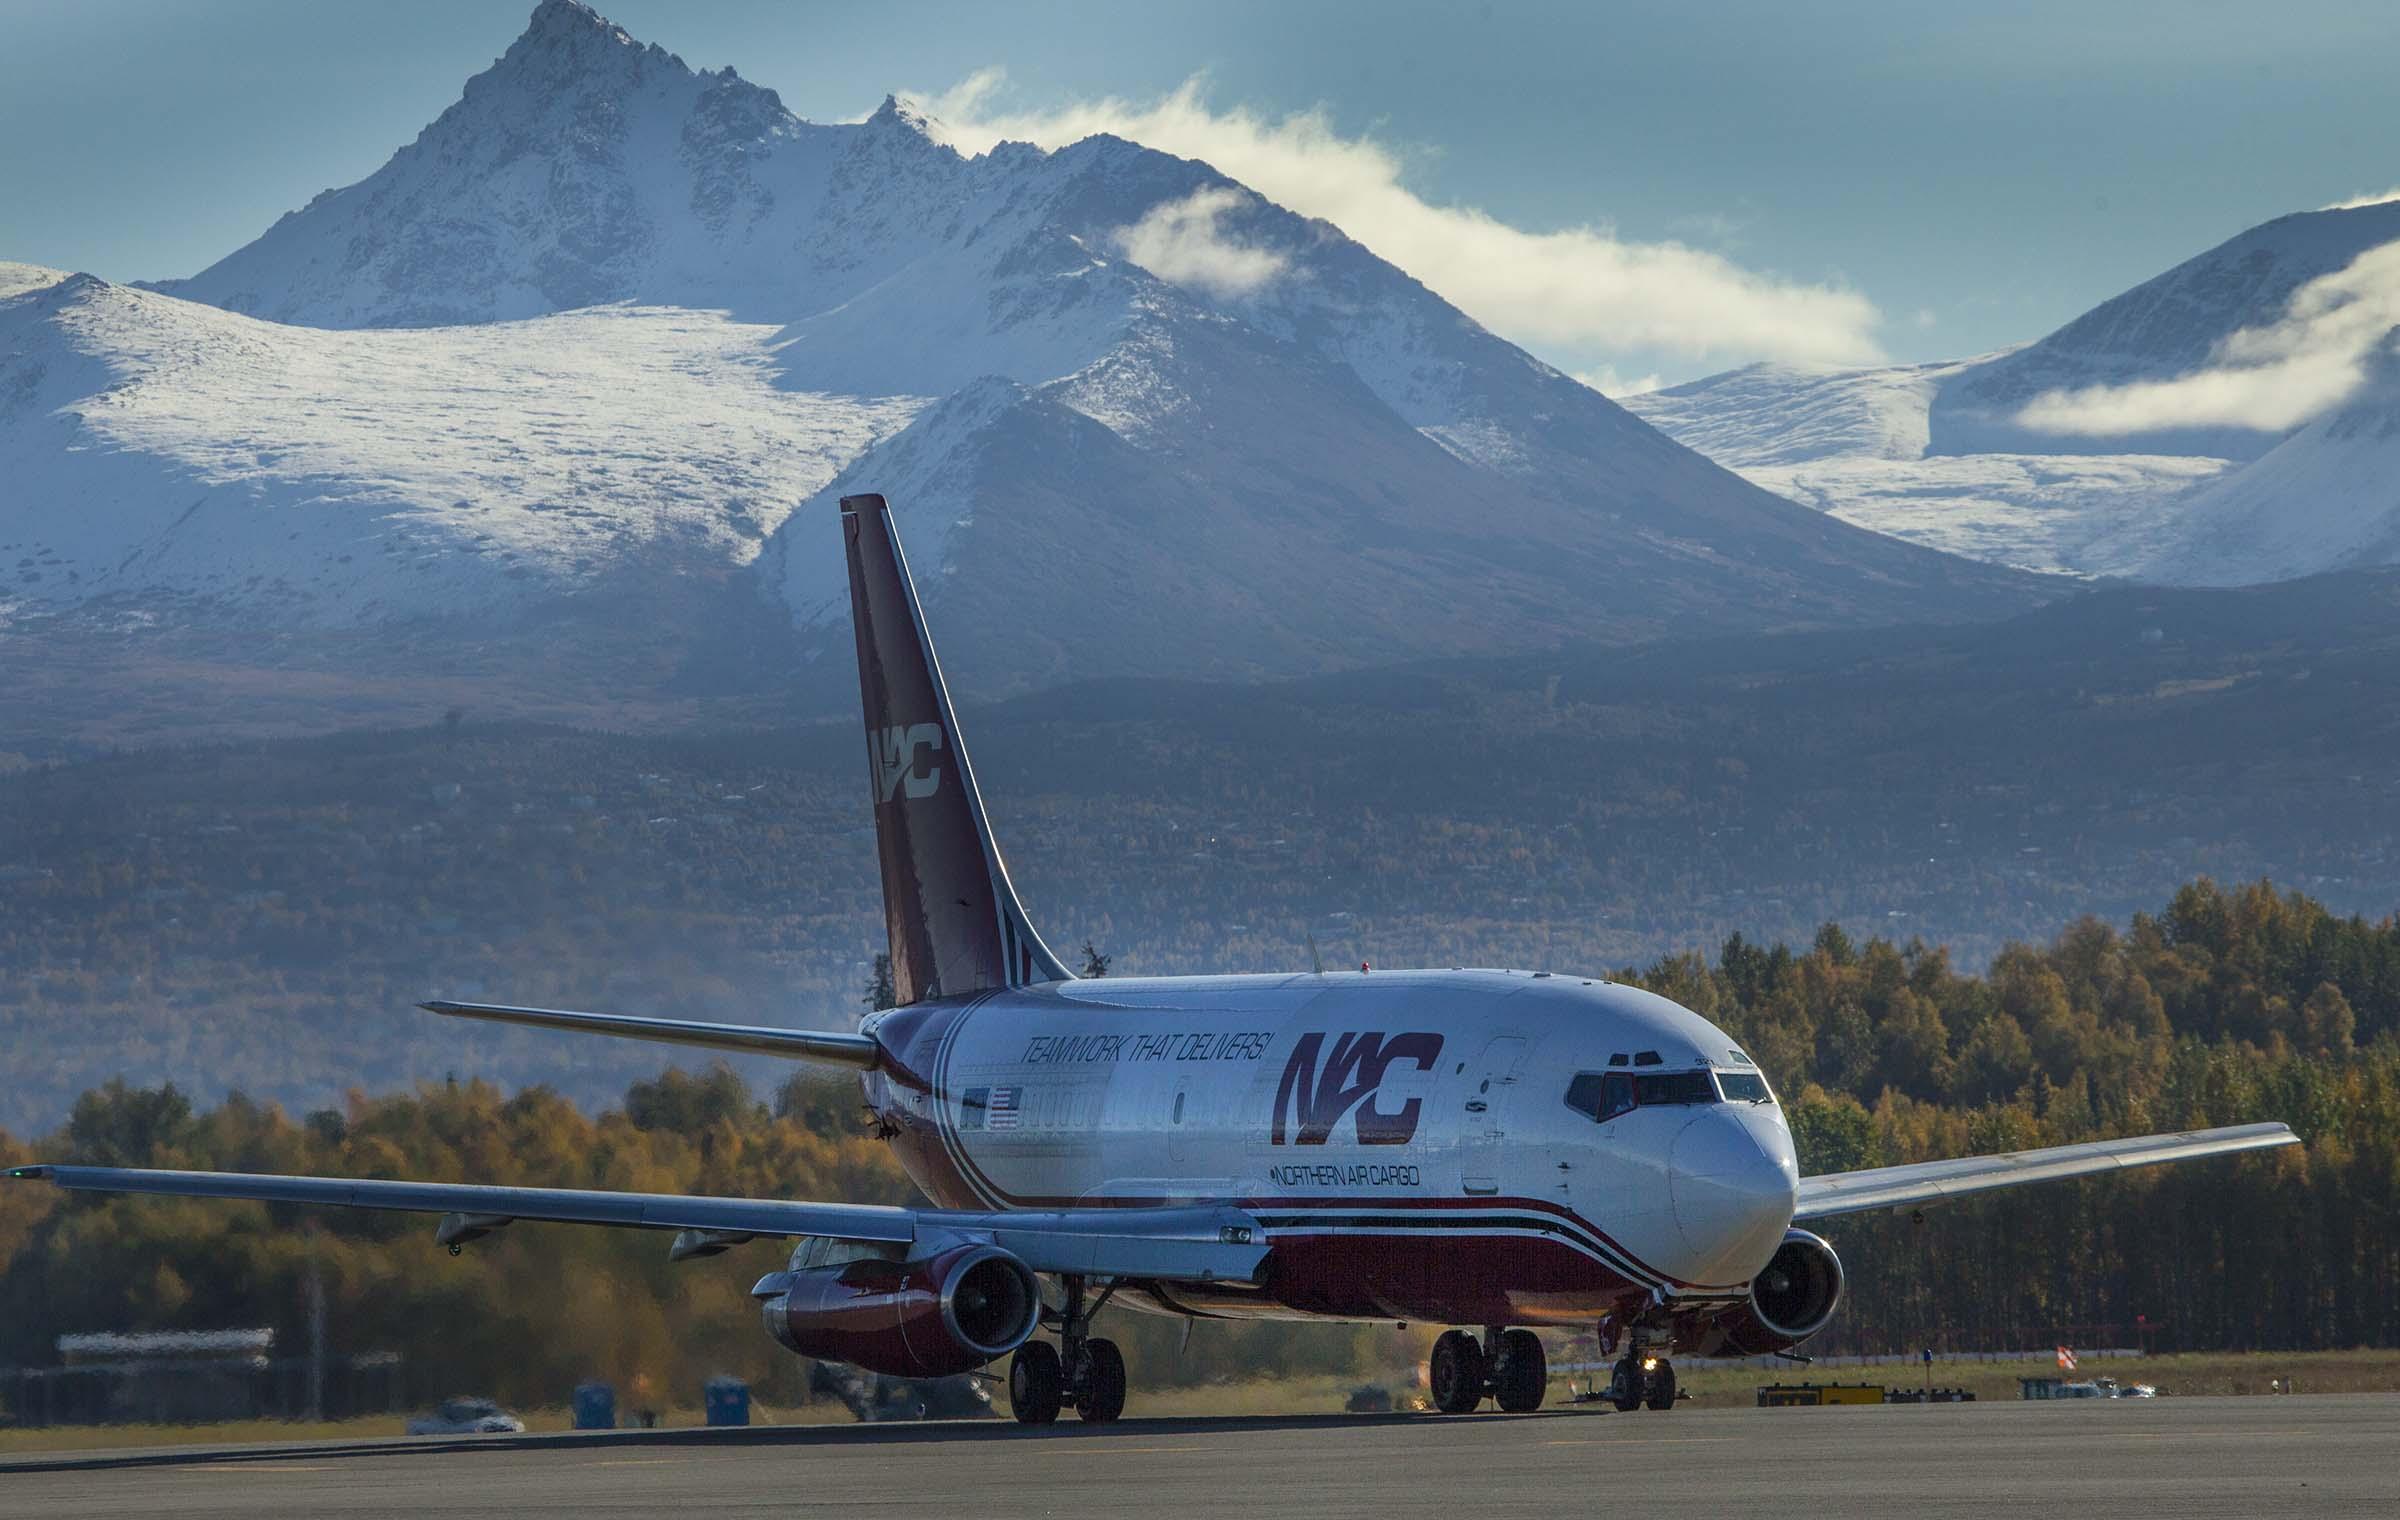 Jet taxing in Alaska | Alaskafoto - Best Alaska aircraft photography & Alaska Air Cargo photography